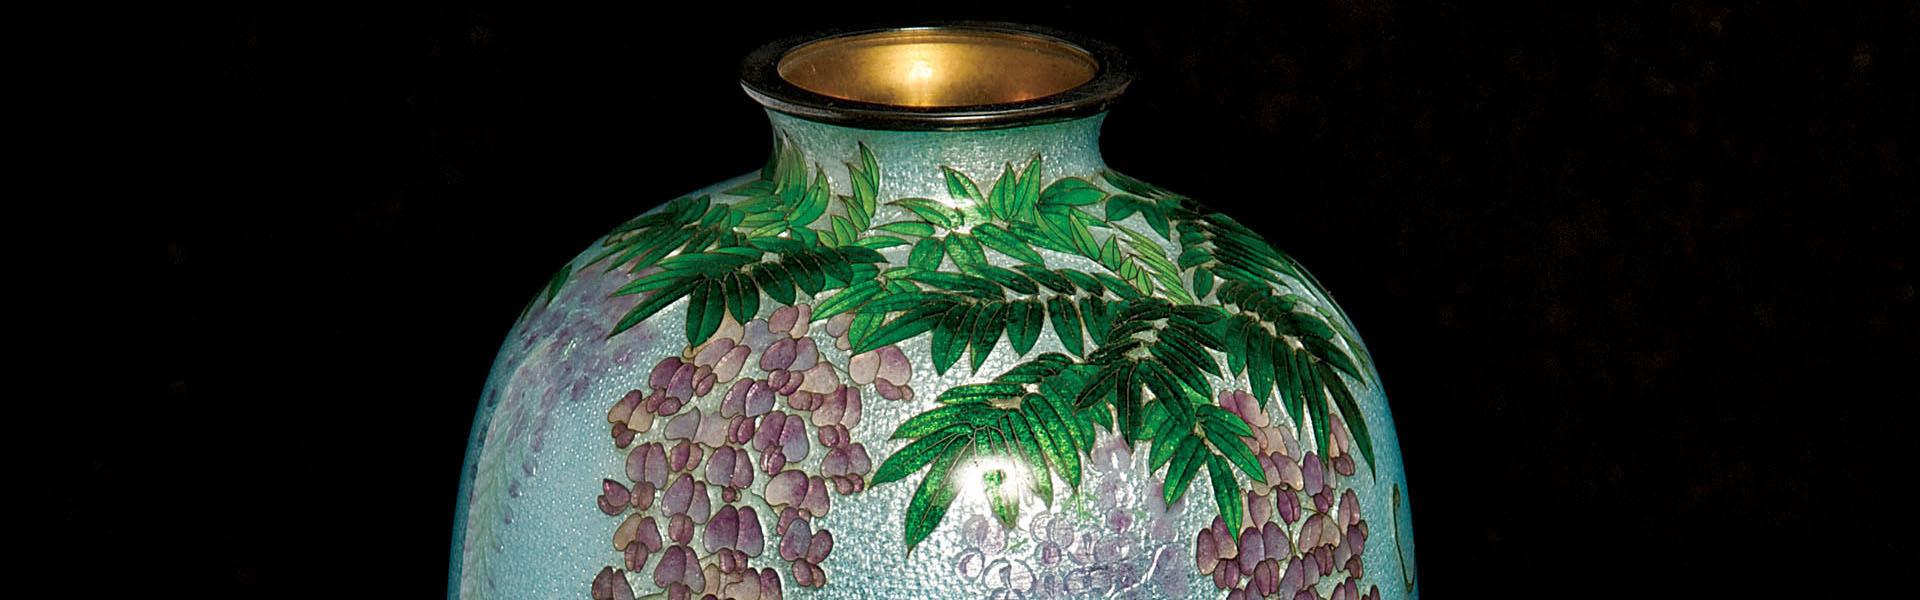 Fulford Place vase